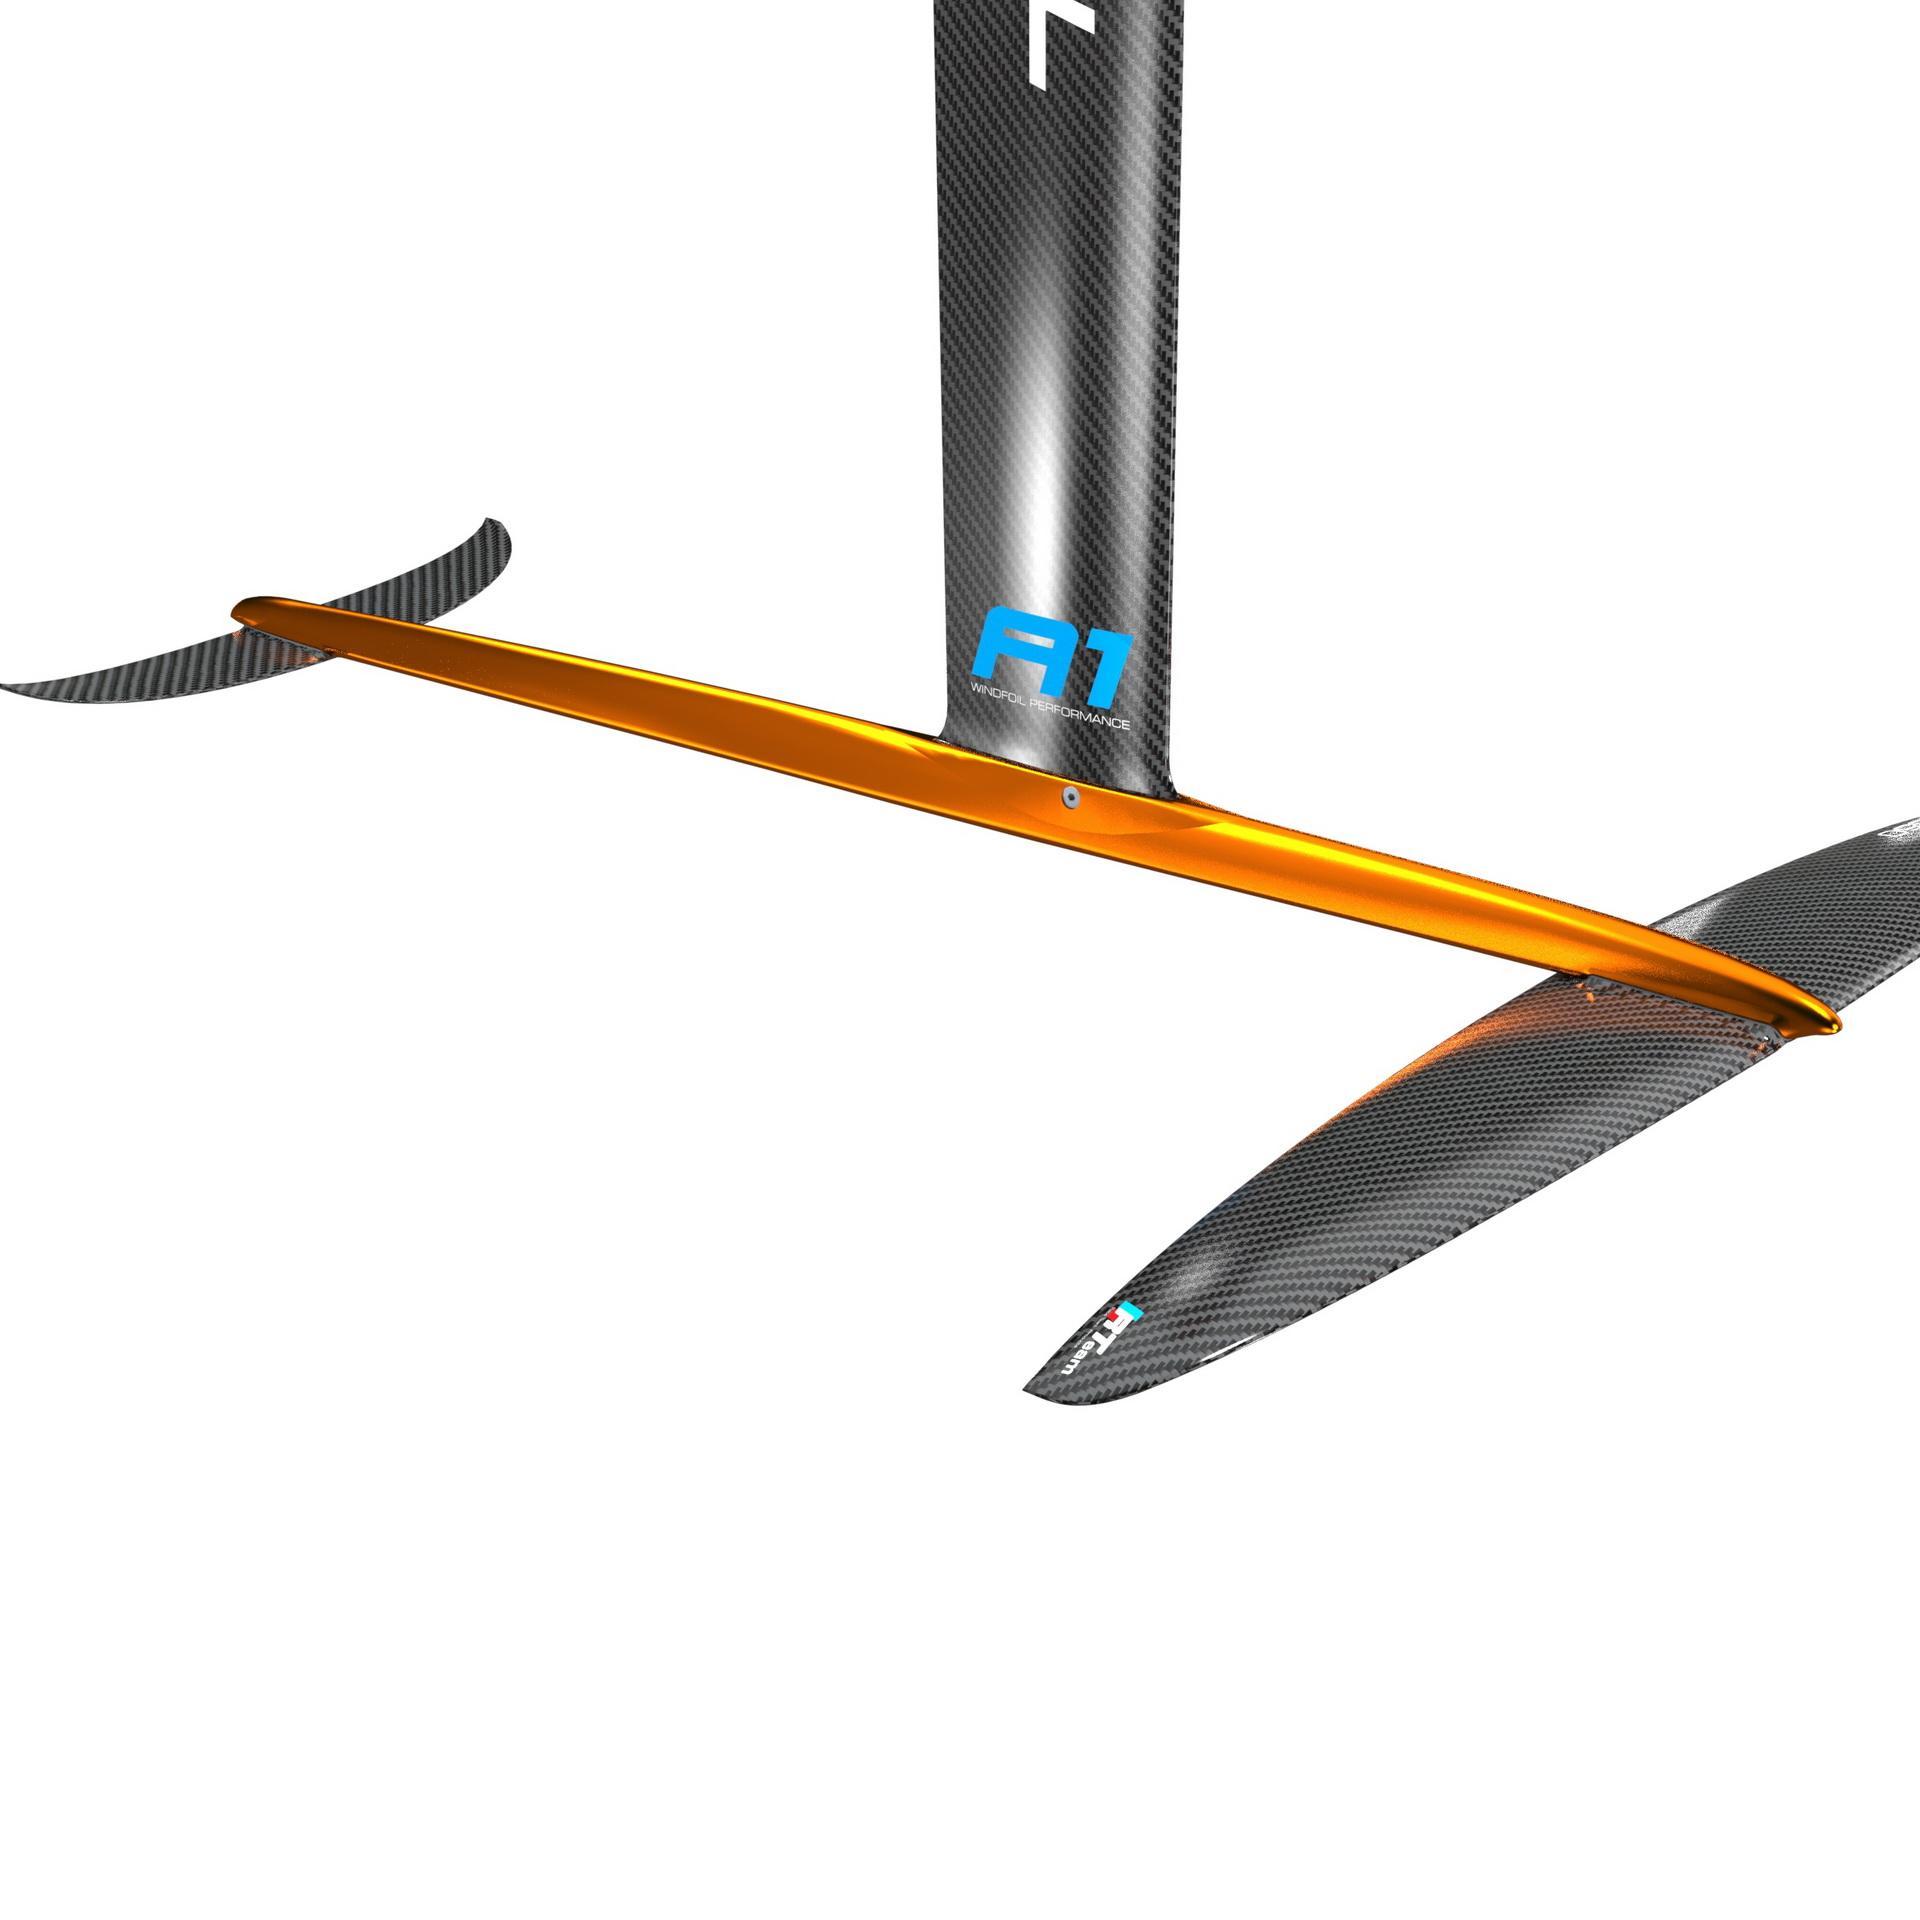 Windfoil a1 sl carbon